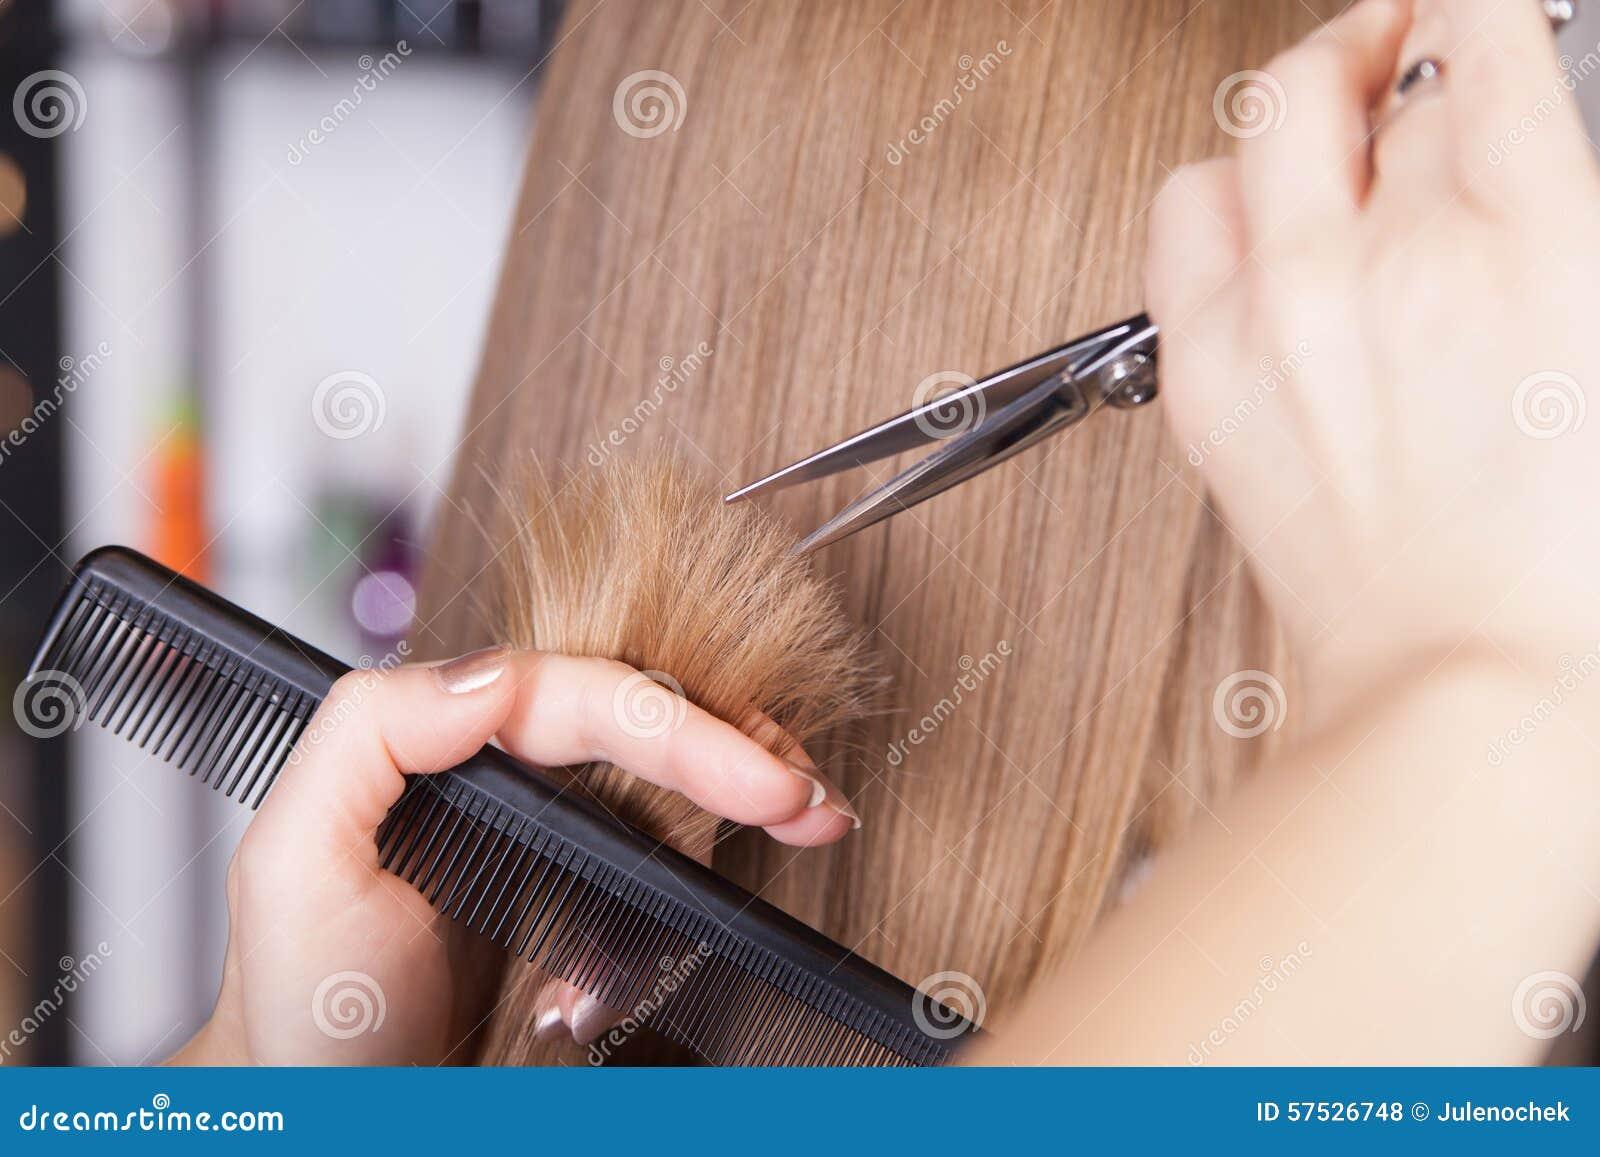 Сон стричь волосы машинкой